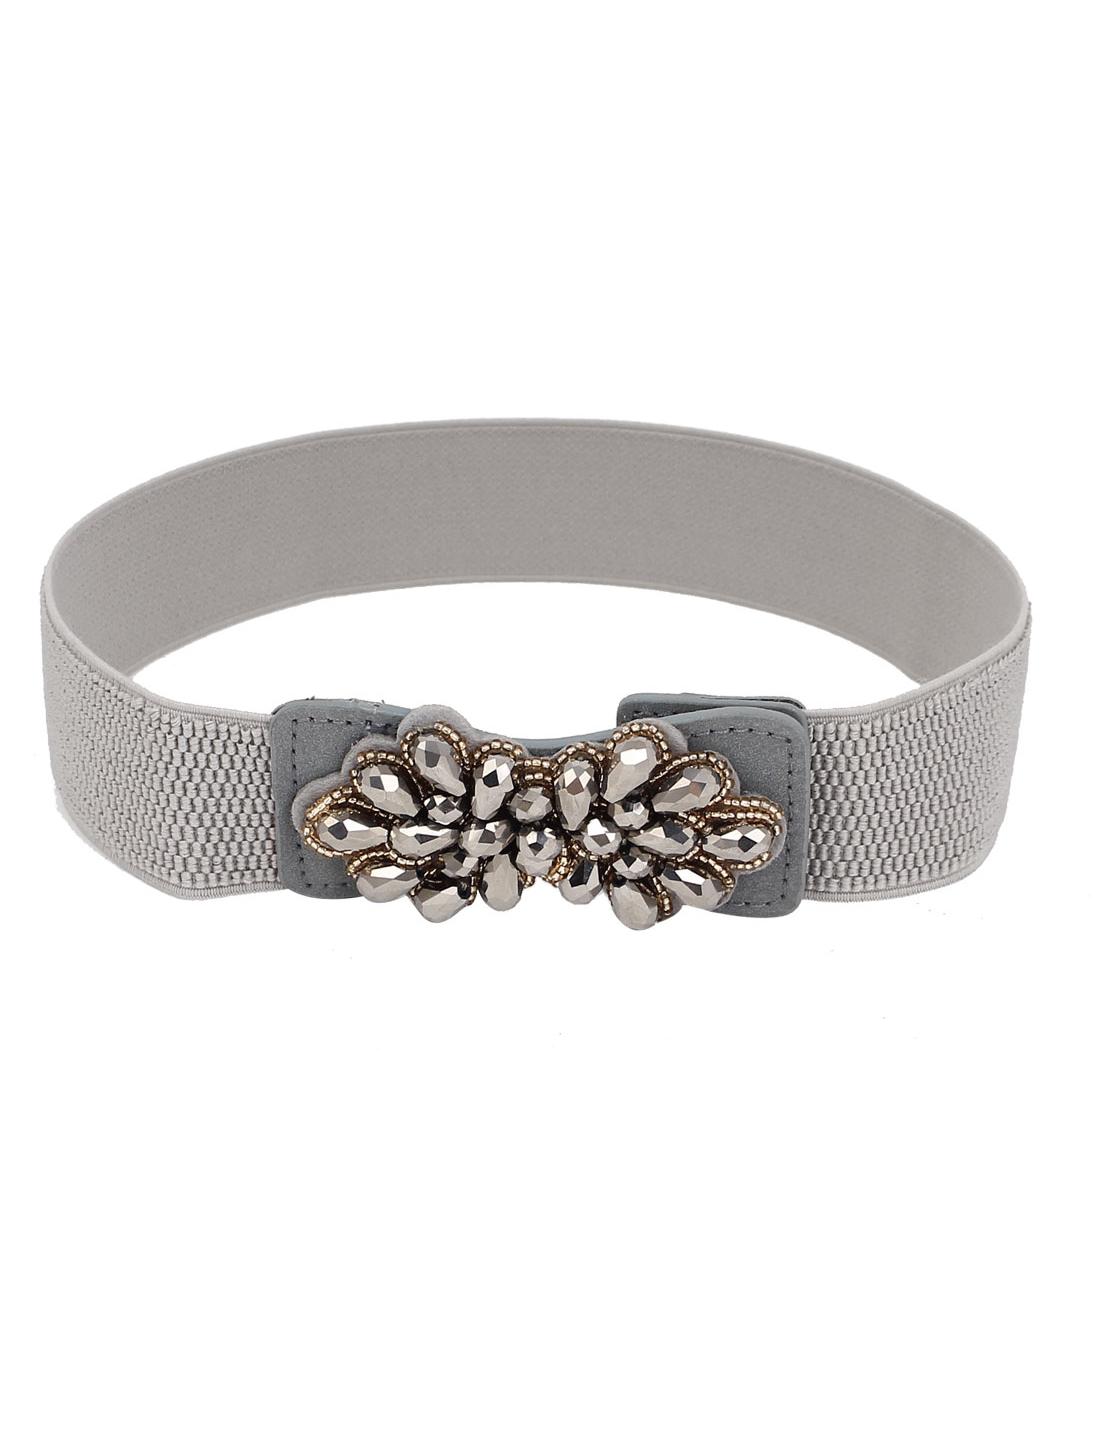 Women Flower Style Press Botton Buckle Stretchy Cinch Waist Belt Band Waistband Gray